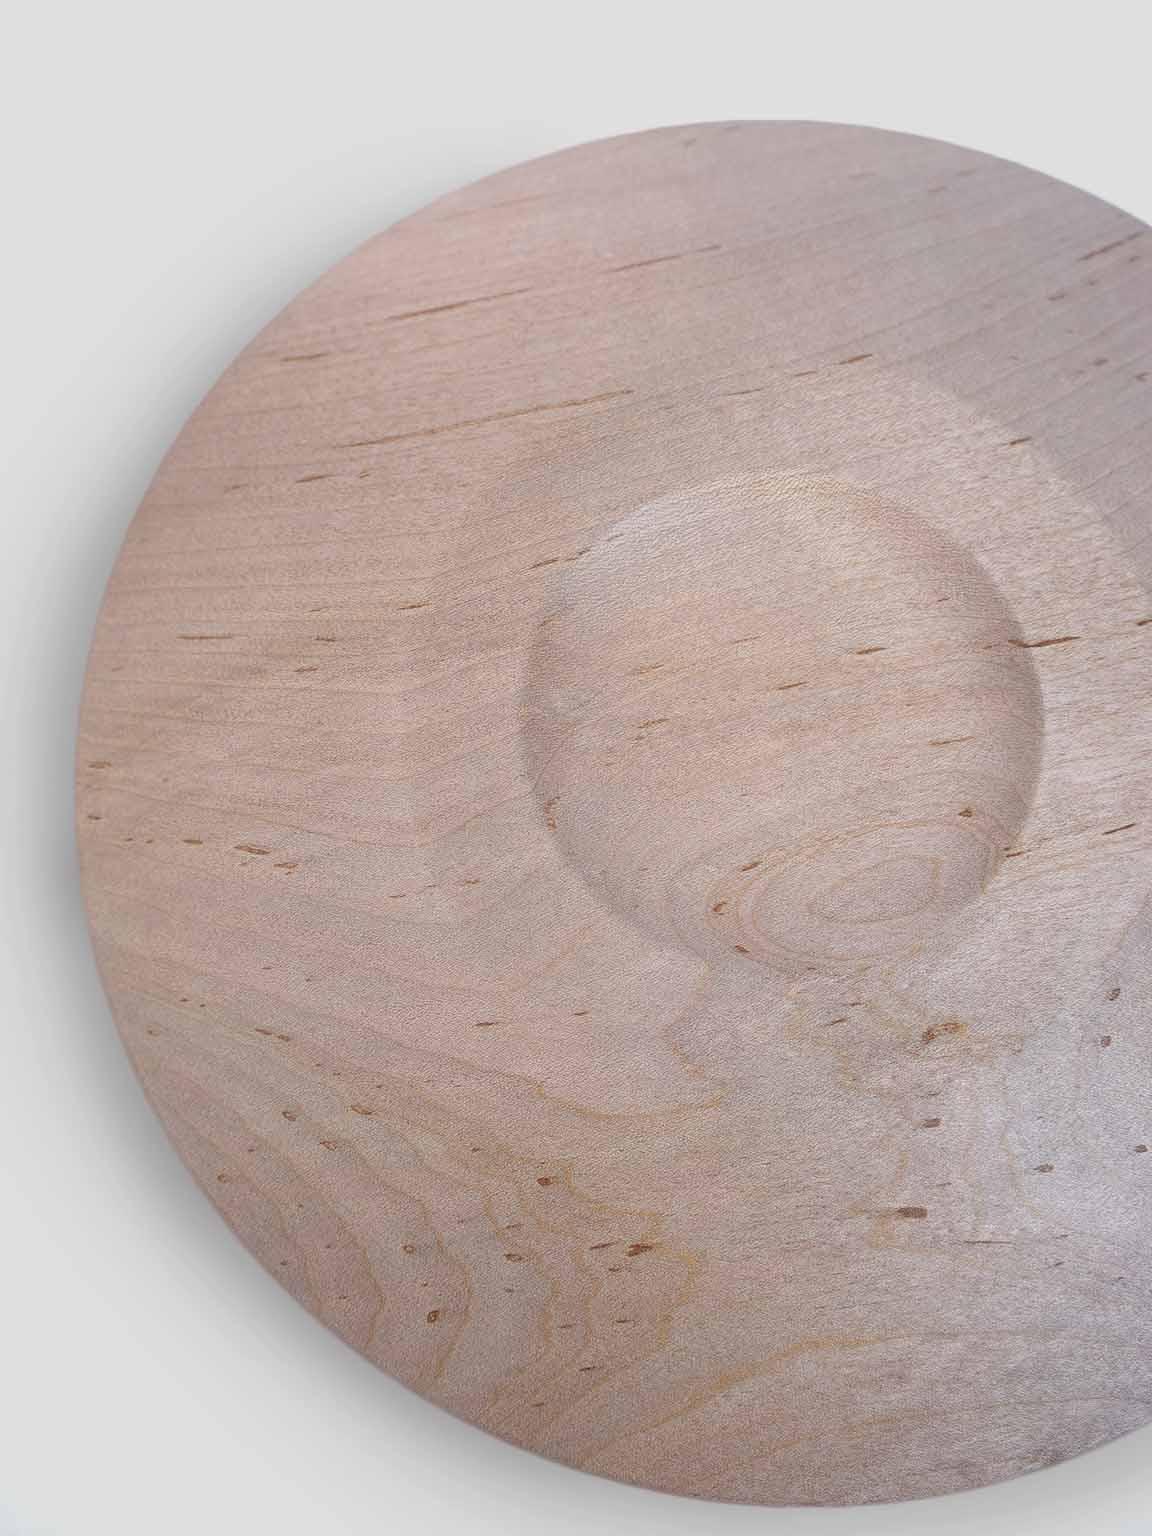 【販売開始 5/29(土)12:00〜】内田 悠 / 平皿� イタヤカエデ(鉄媒染) - Φ240